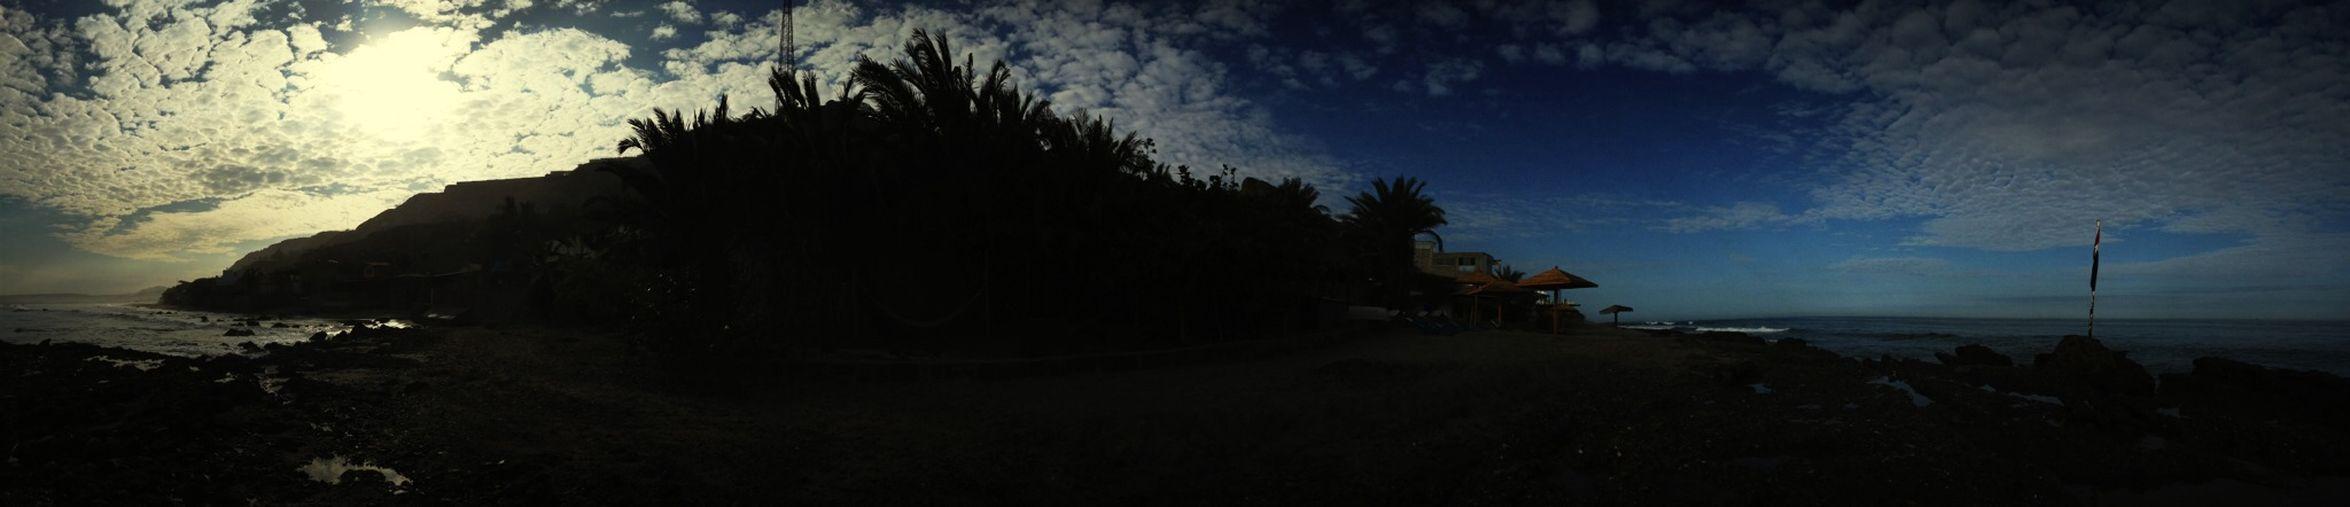 Puntasal # Panorama Sunrise Taking Photos